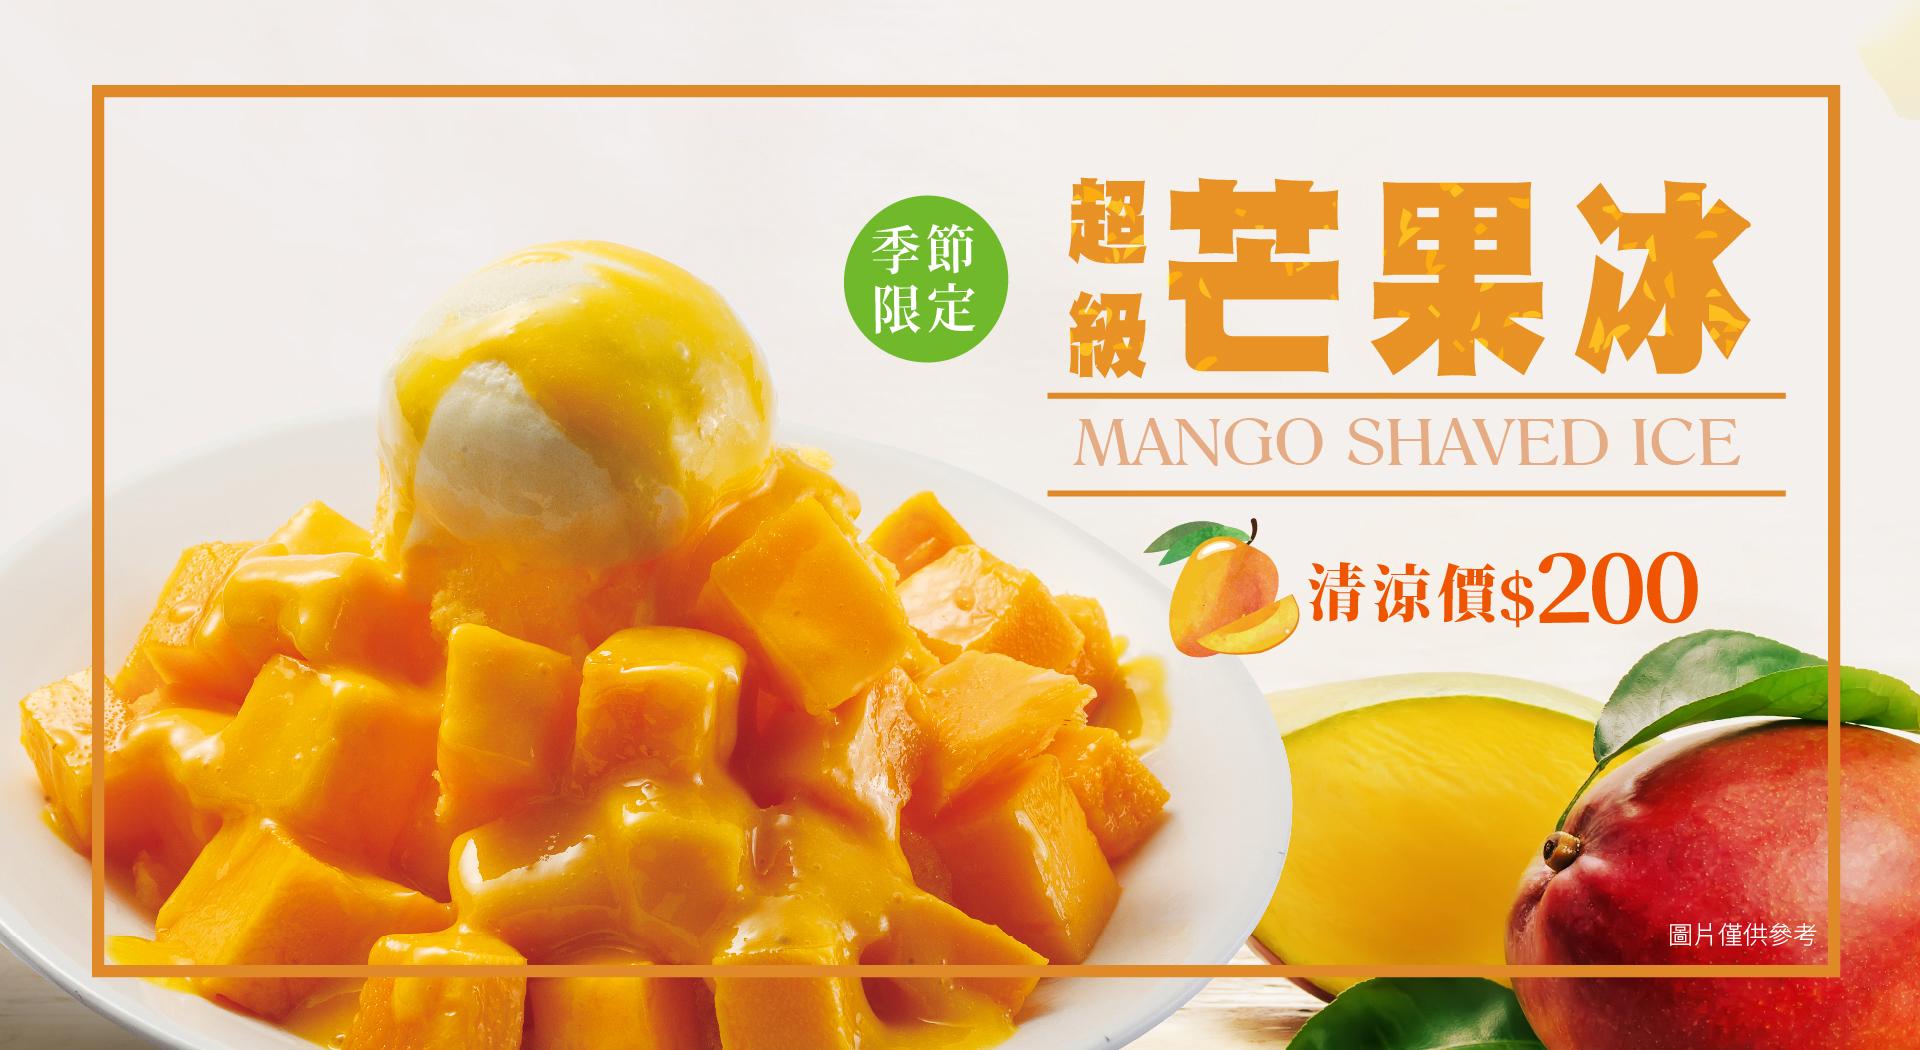 超級芒果冰新品上市